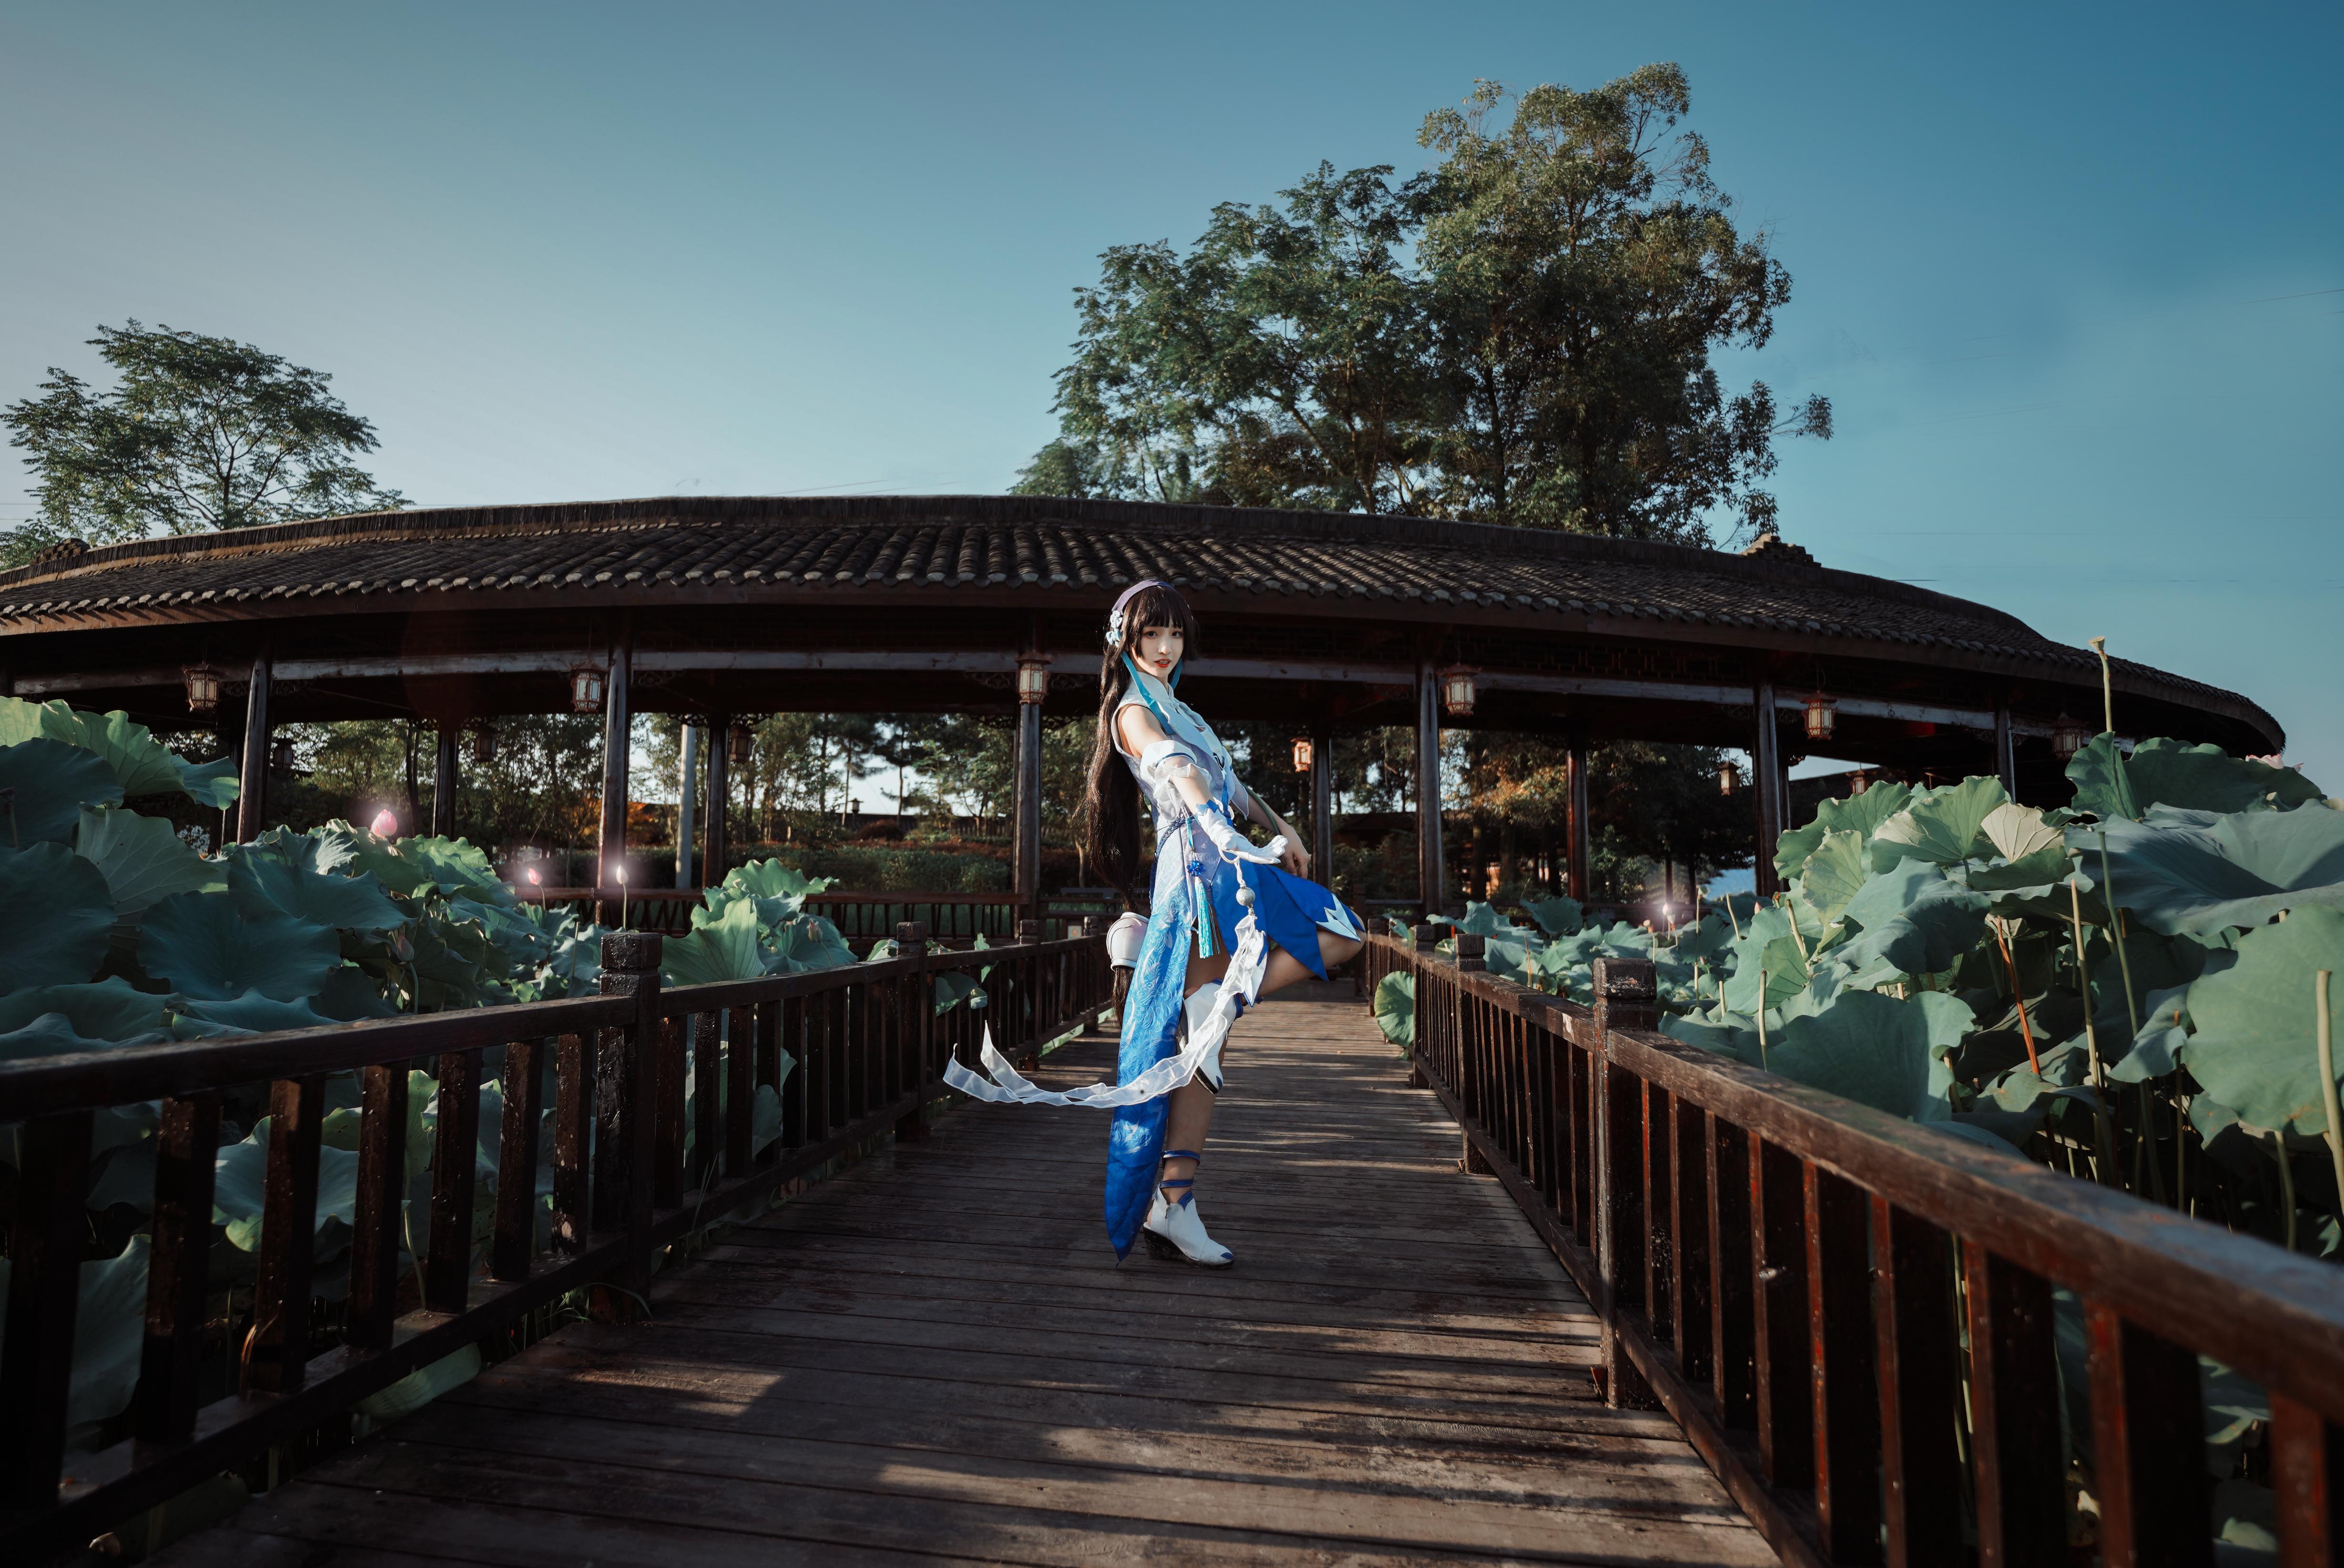 《王者荣耀》王者荣耀西施cosplay【CN:青锦天下】-第4张